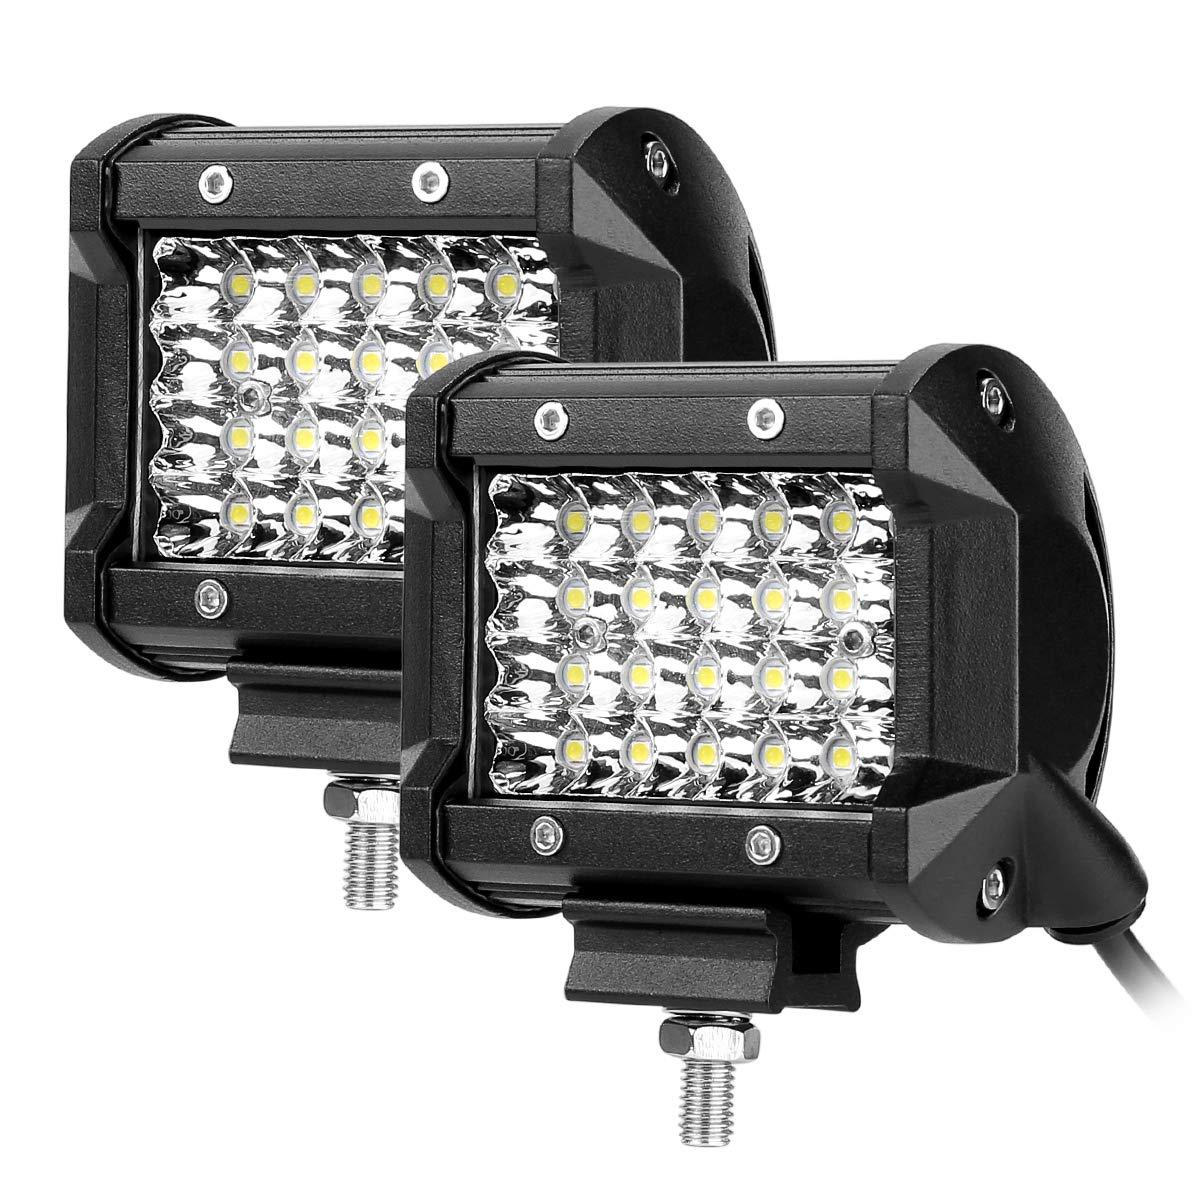 LE 2 Fari LED 72W x 2, fascio di luce combinato, Proiettore Fendinebbia Impermeabile IP68, 10400lm, 6000K per per Fuoristrada Macchina Barca Camper Mezzi pesanti Trattore Caravan Lighting EVER